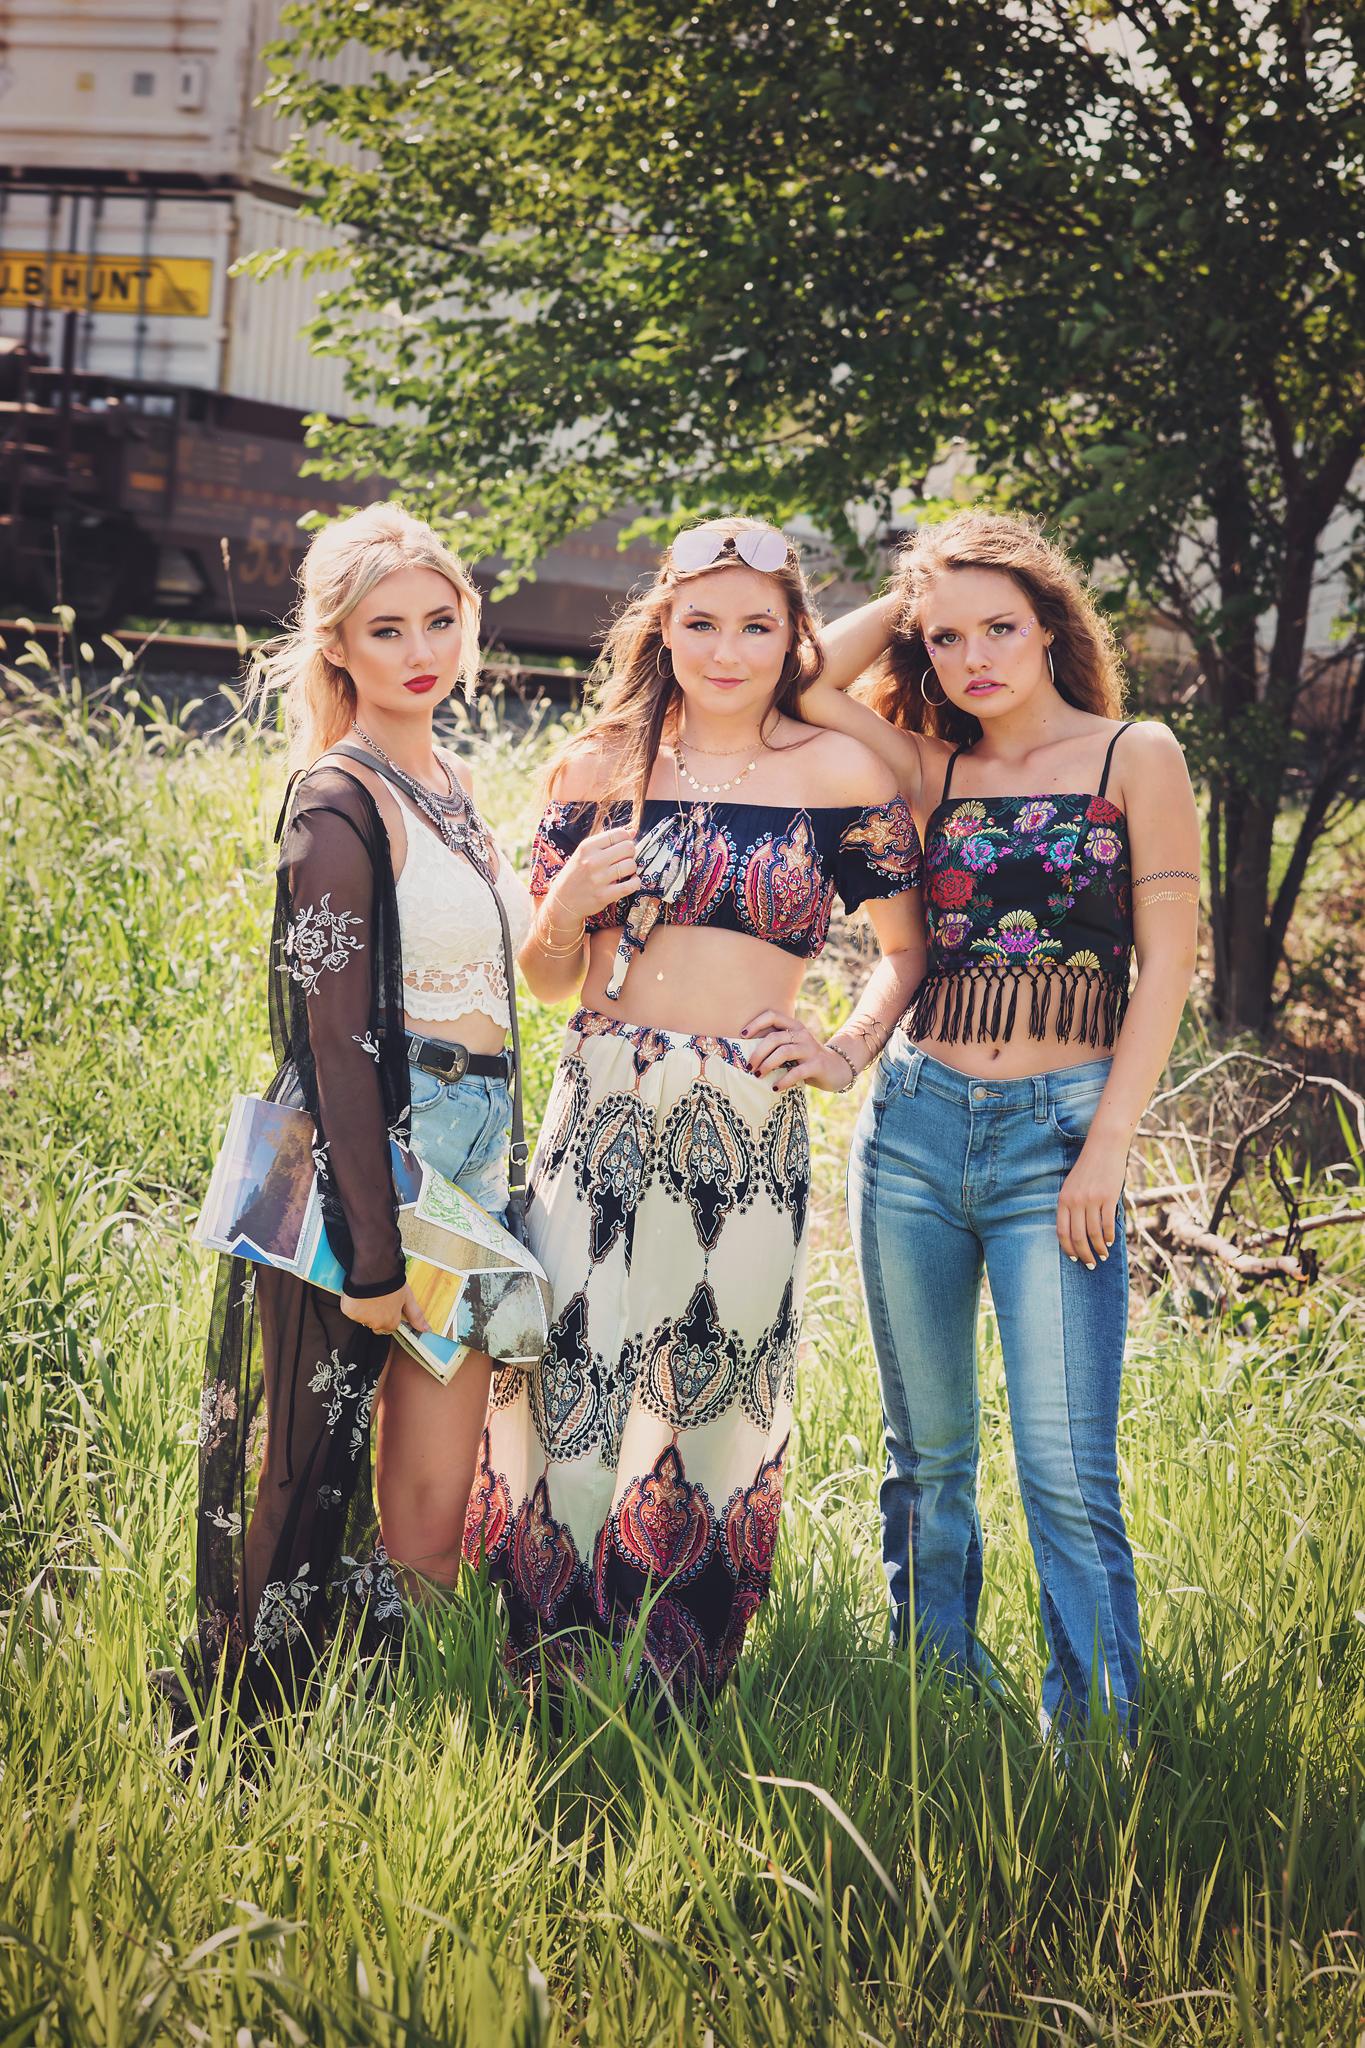 DSC_5908-FE Kayla, Megh, & Maggie LR.jpg